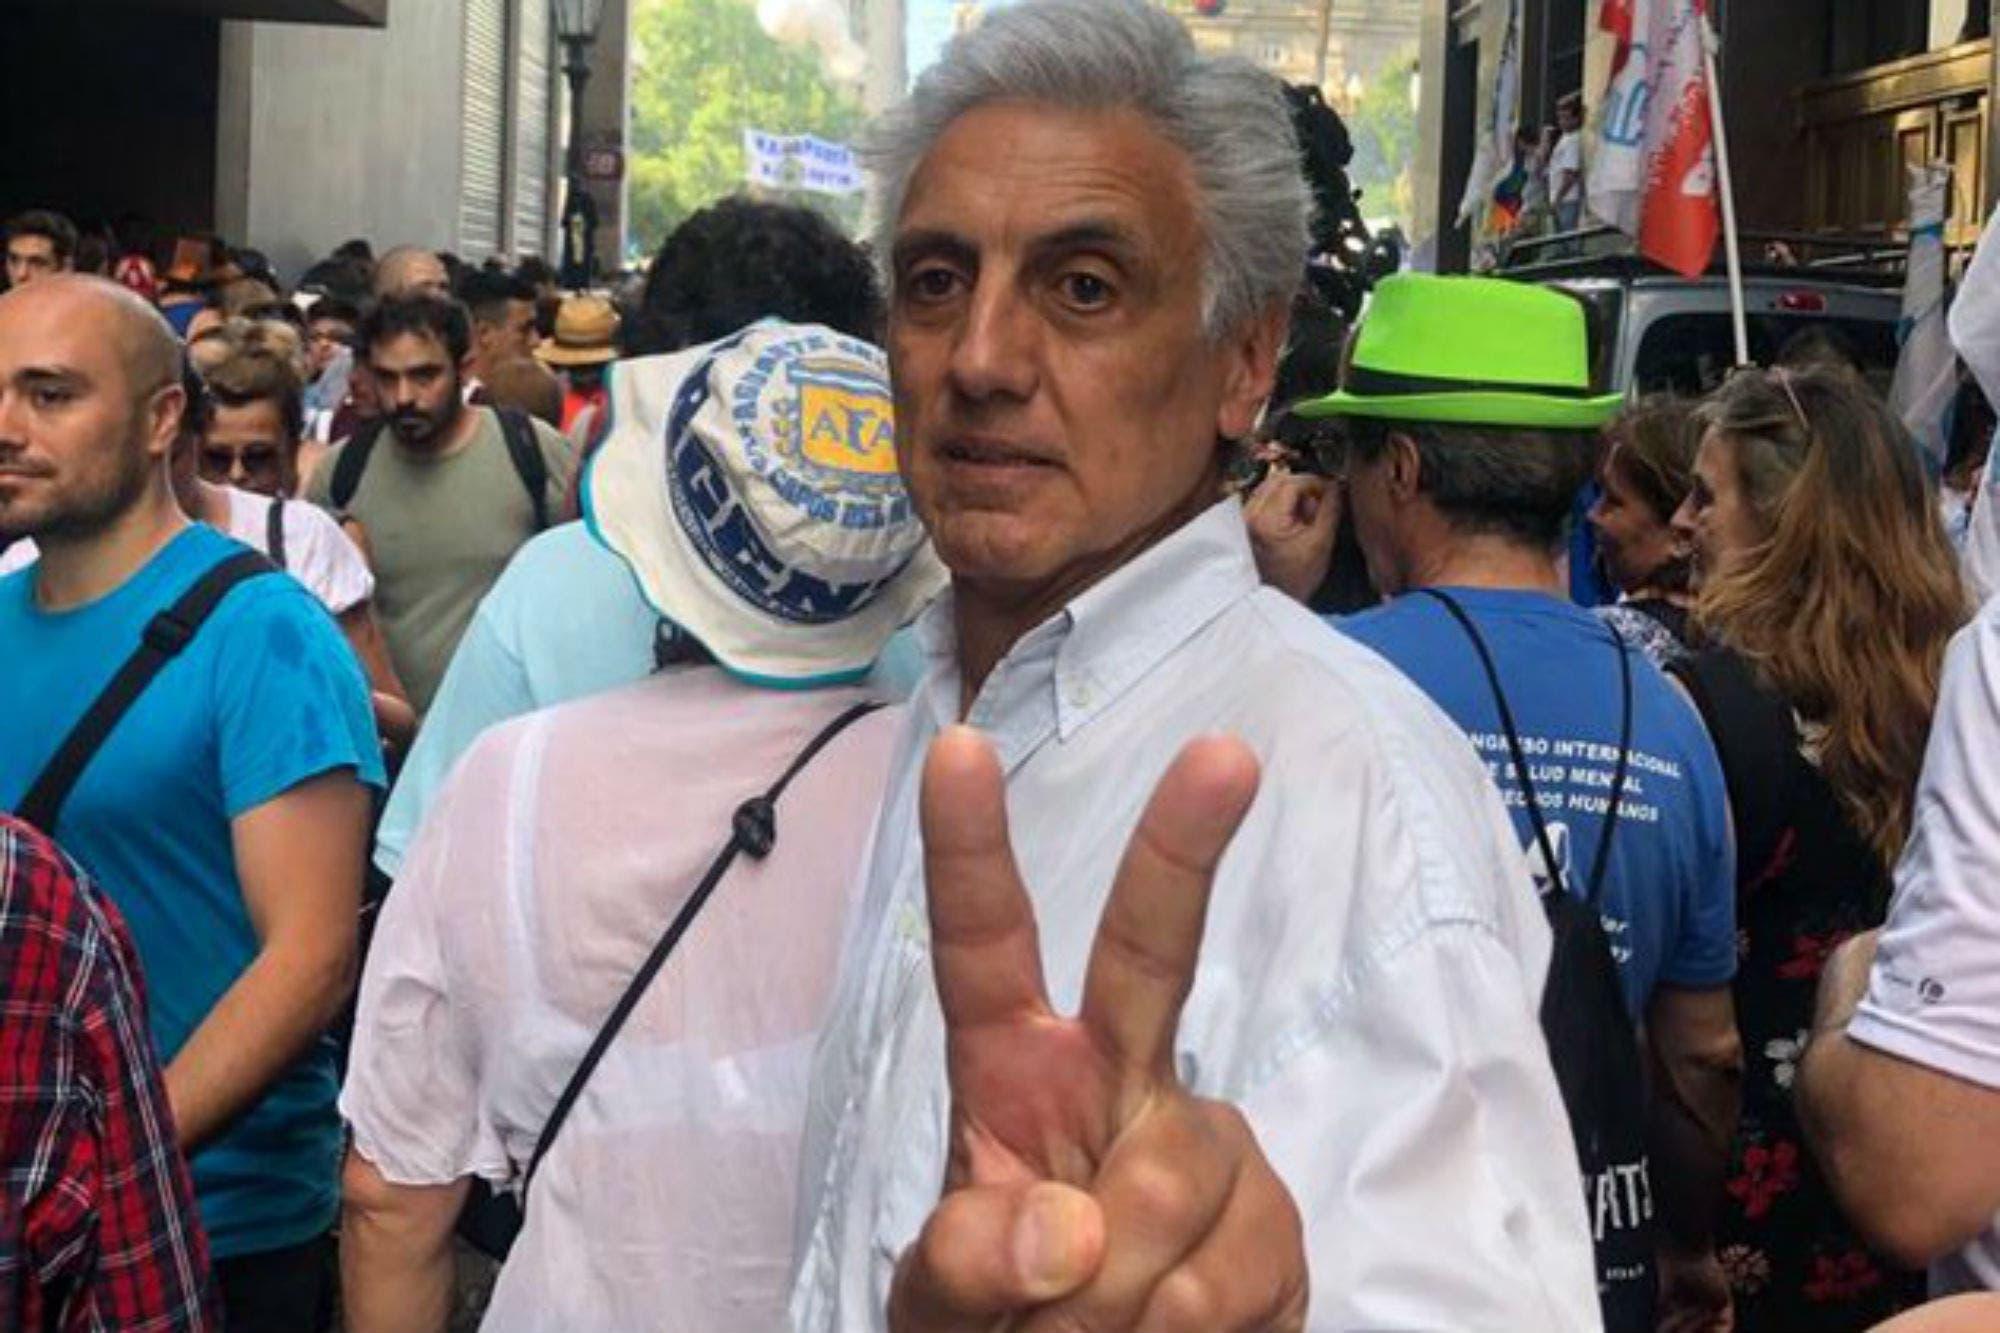 Fuerte rechazo de Adepa, Fopea y la SIP a las declaraciones de Carlos Raimundi contra los medios de comunicación